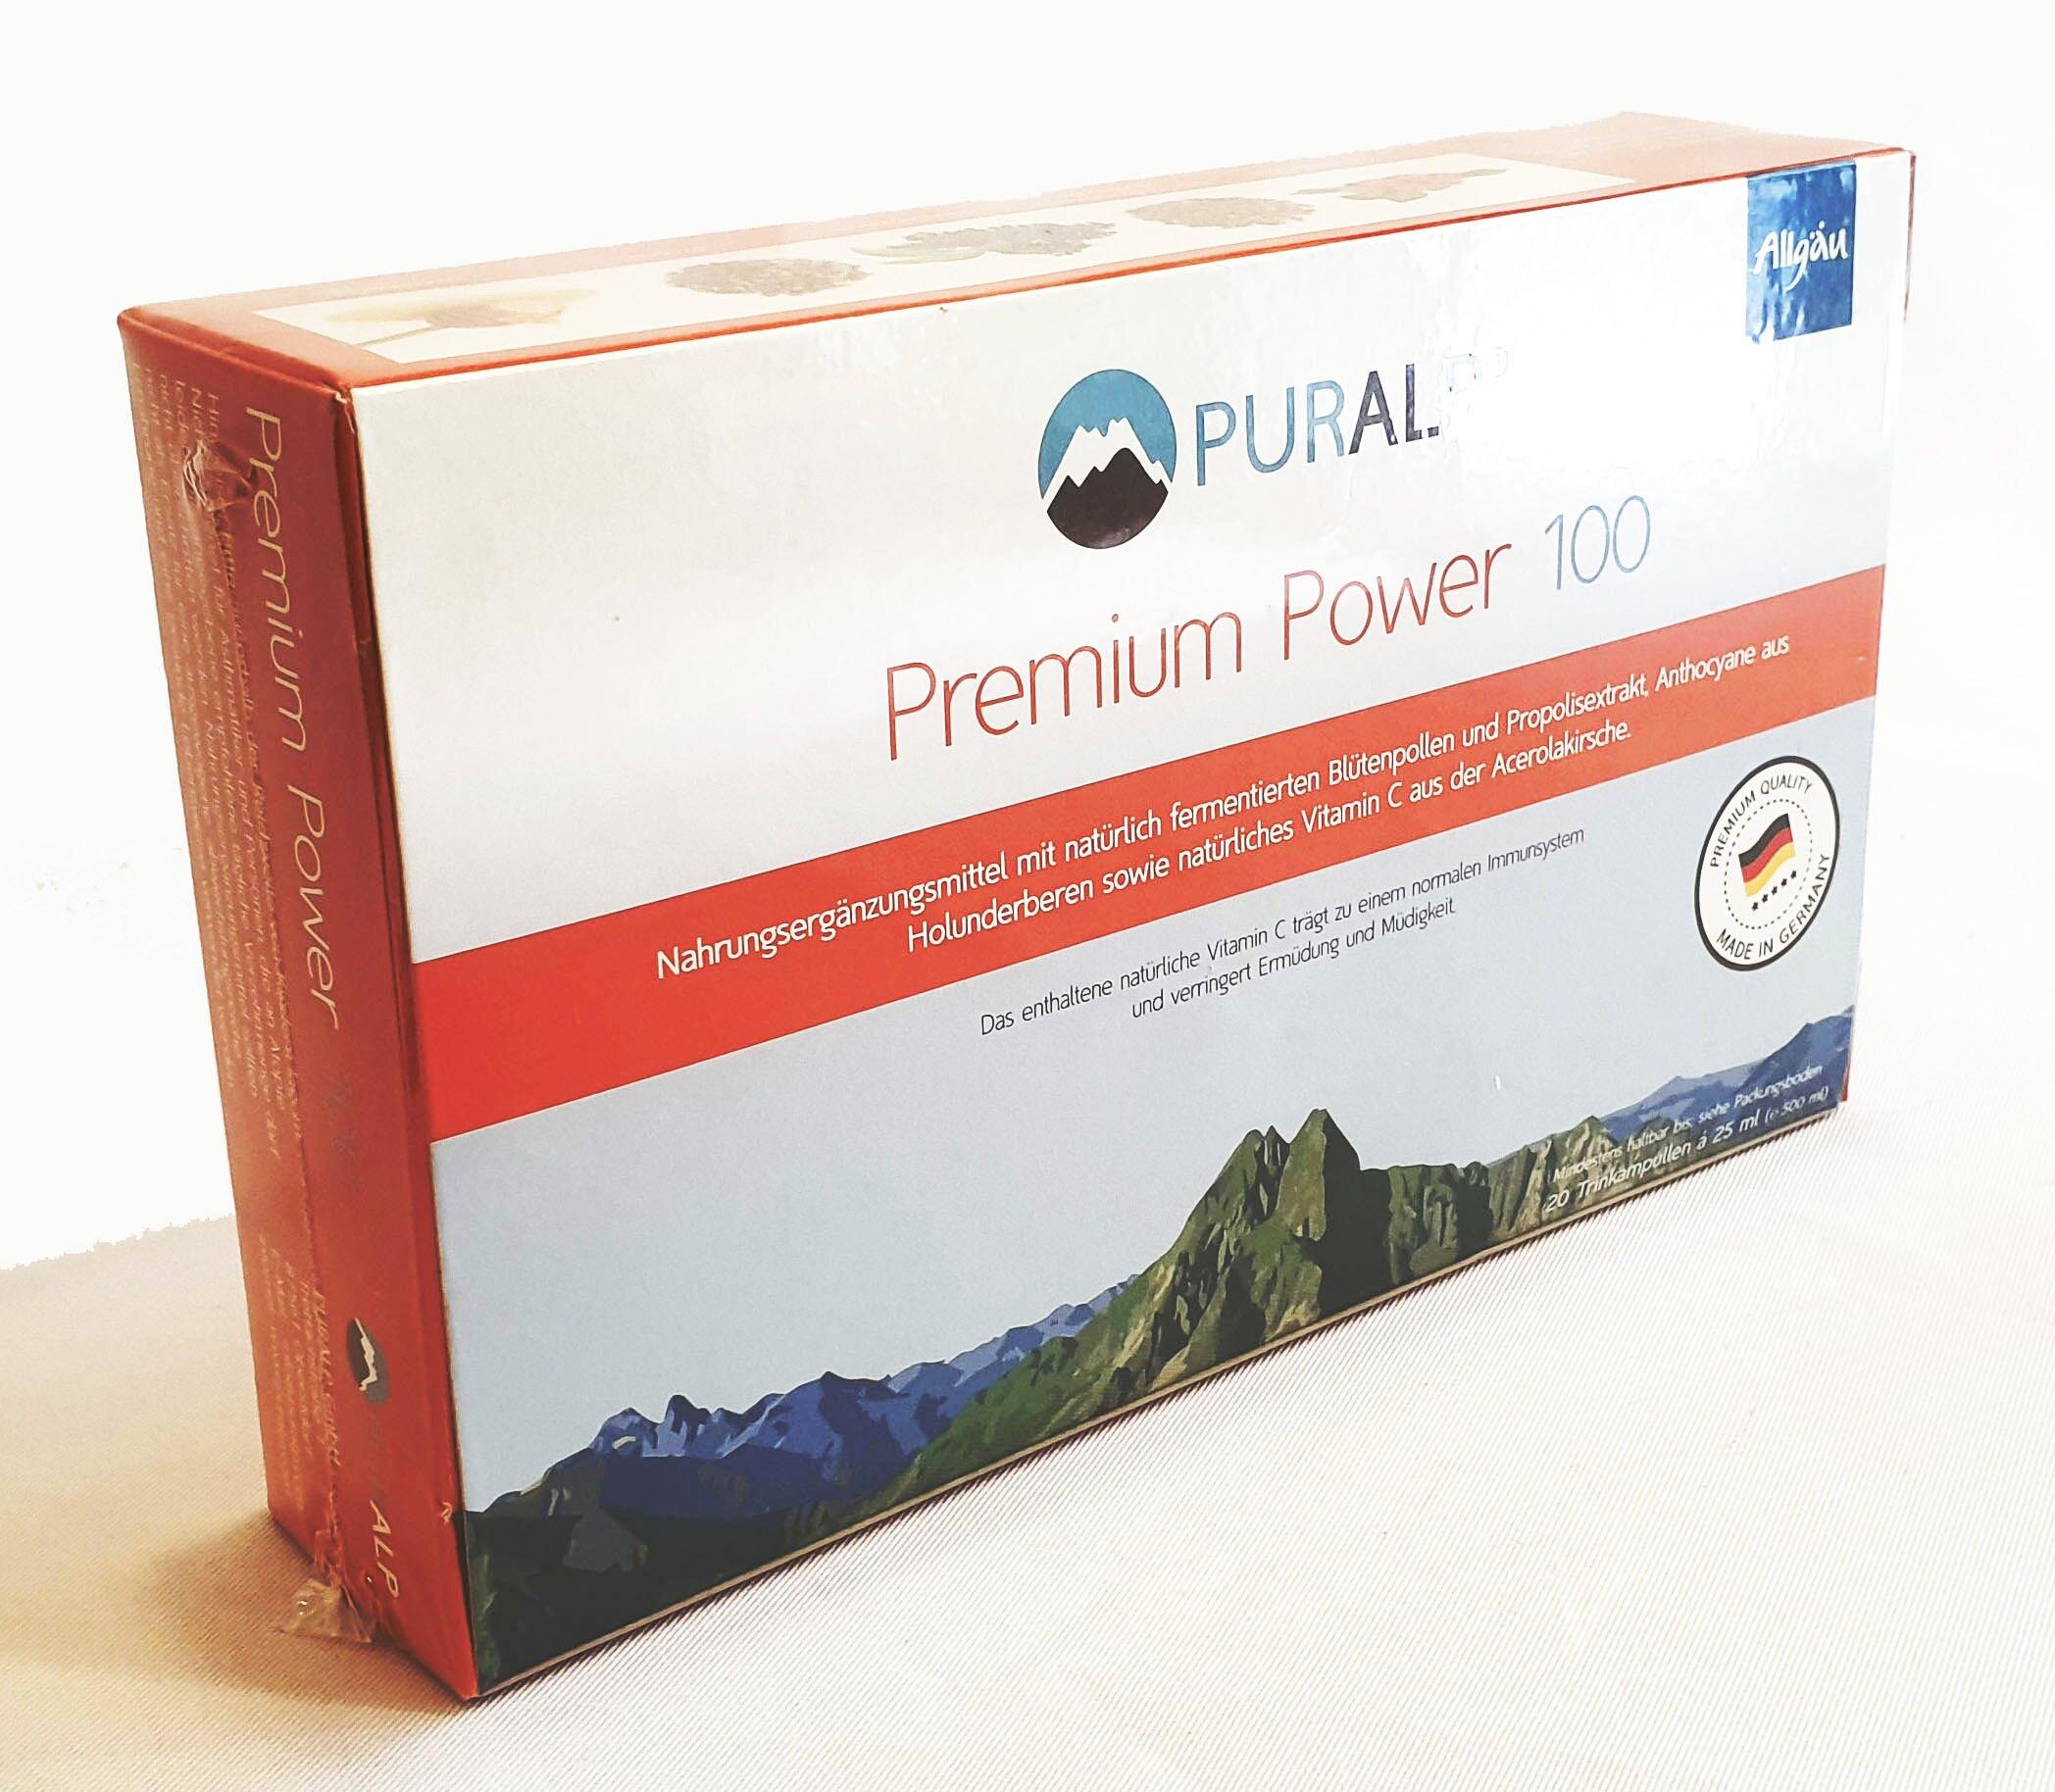 安抗100 濃縮營養素 Premium Power 100 25毫升/20瓶/盒 (德國進口)